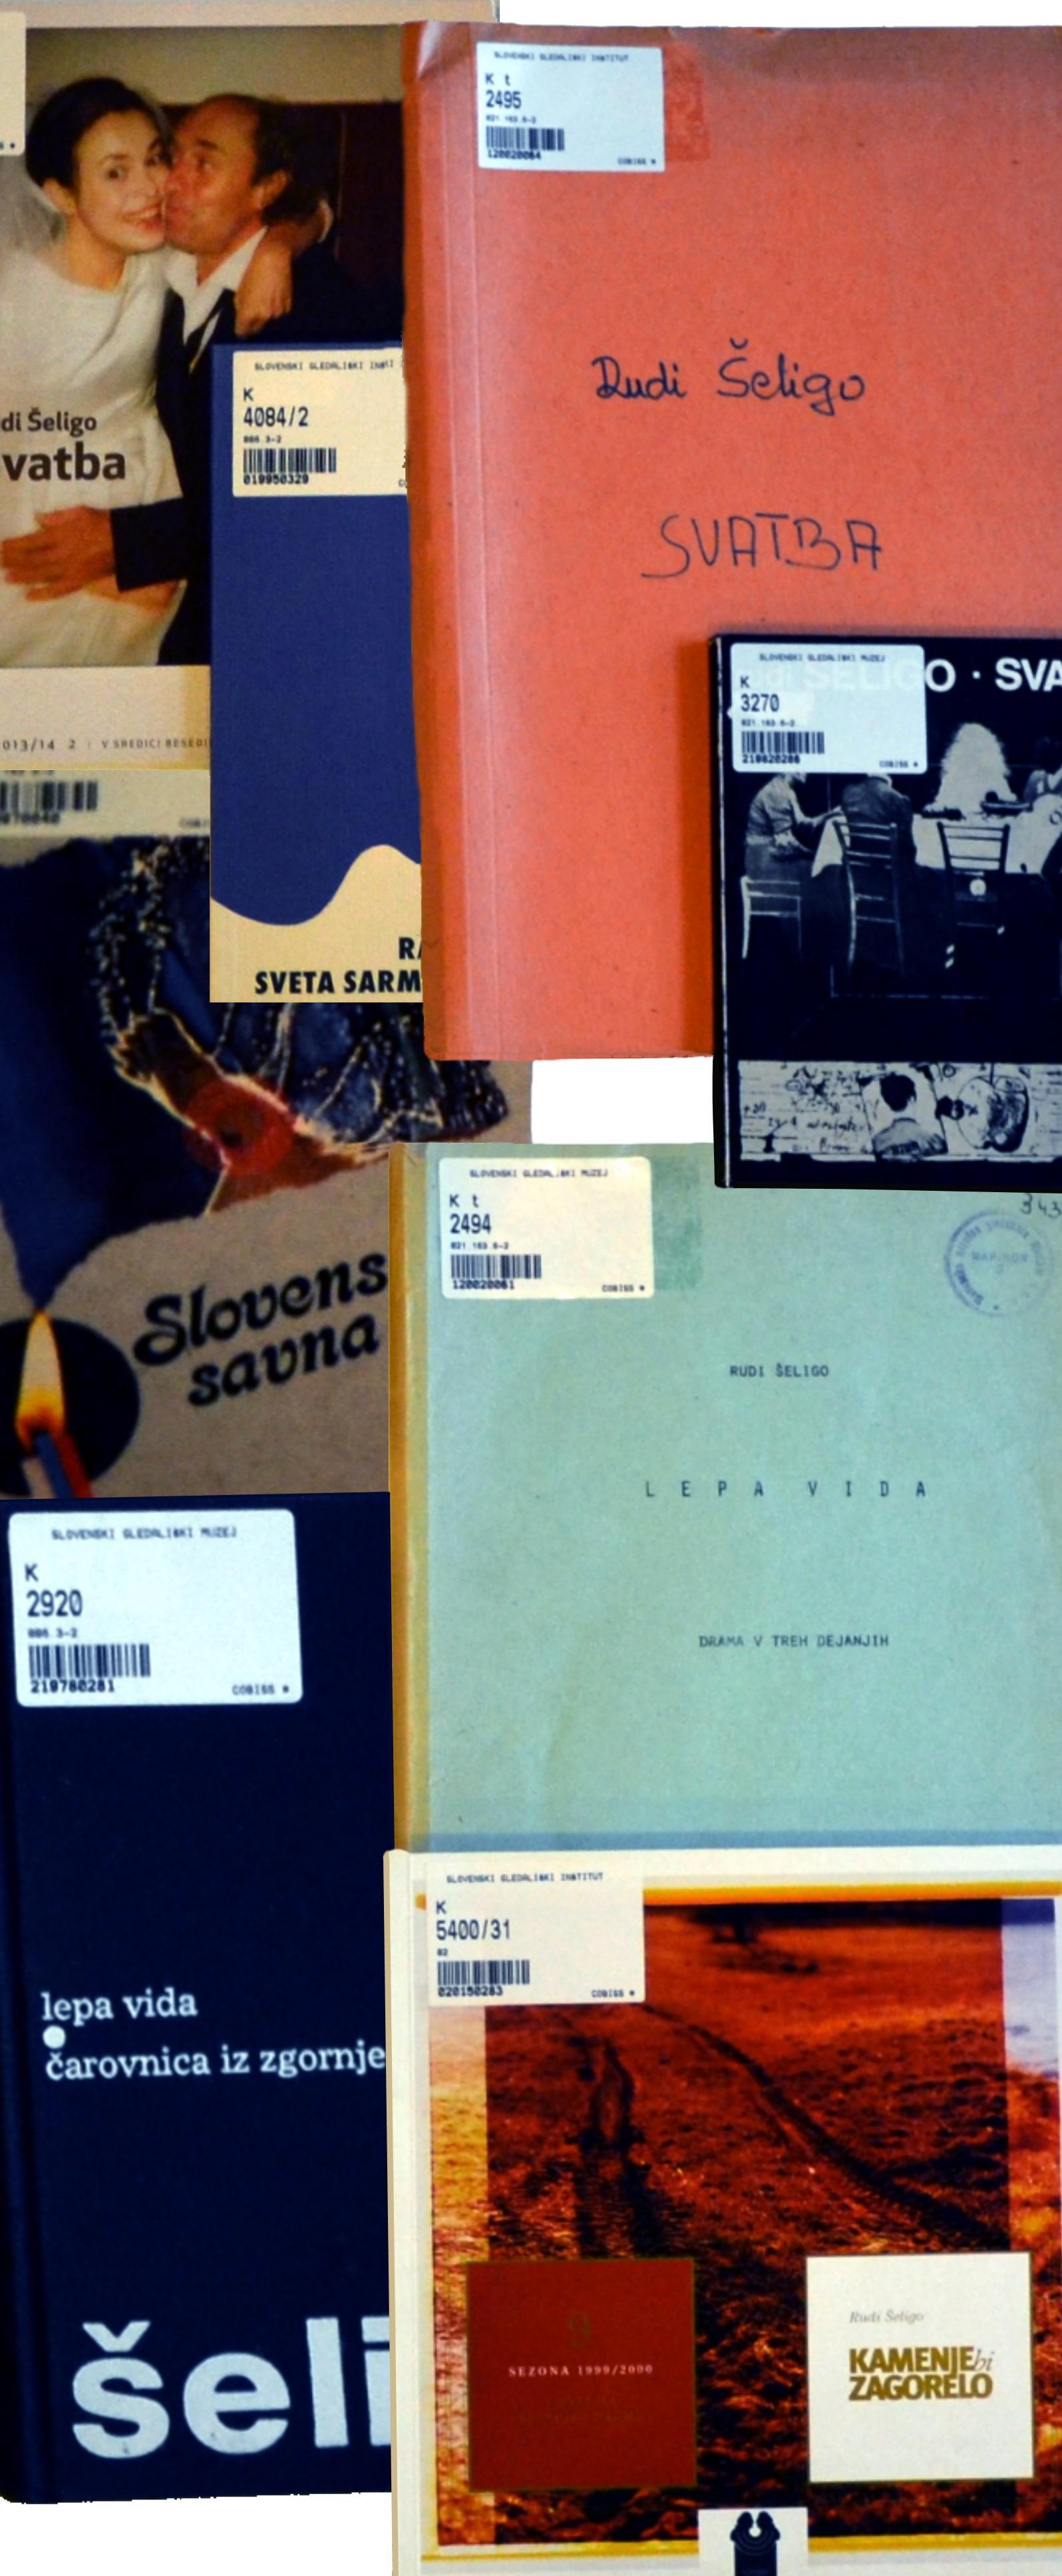 Leta 2014 je minevalo deset let od smrti enega izmed najvidnejših literatov generacije, ki je začela objavljati svoja dela v šestdesetih letih, Rudija Šelige.